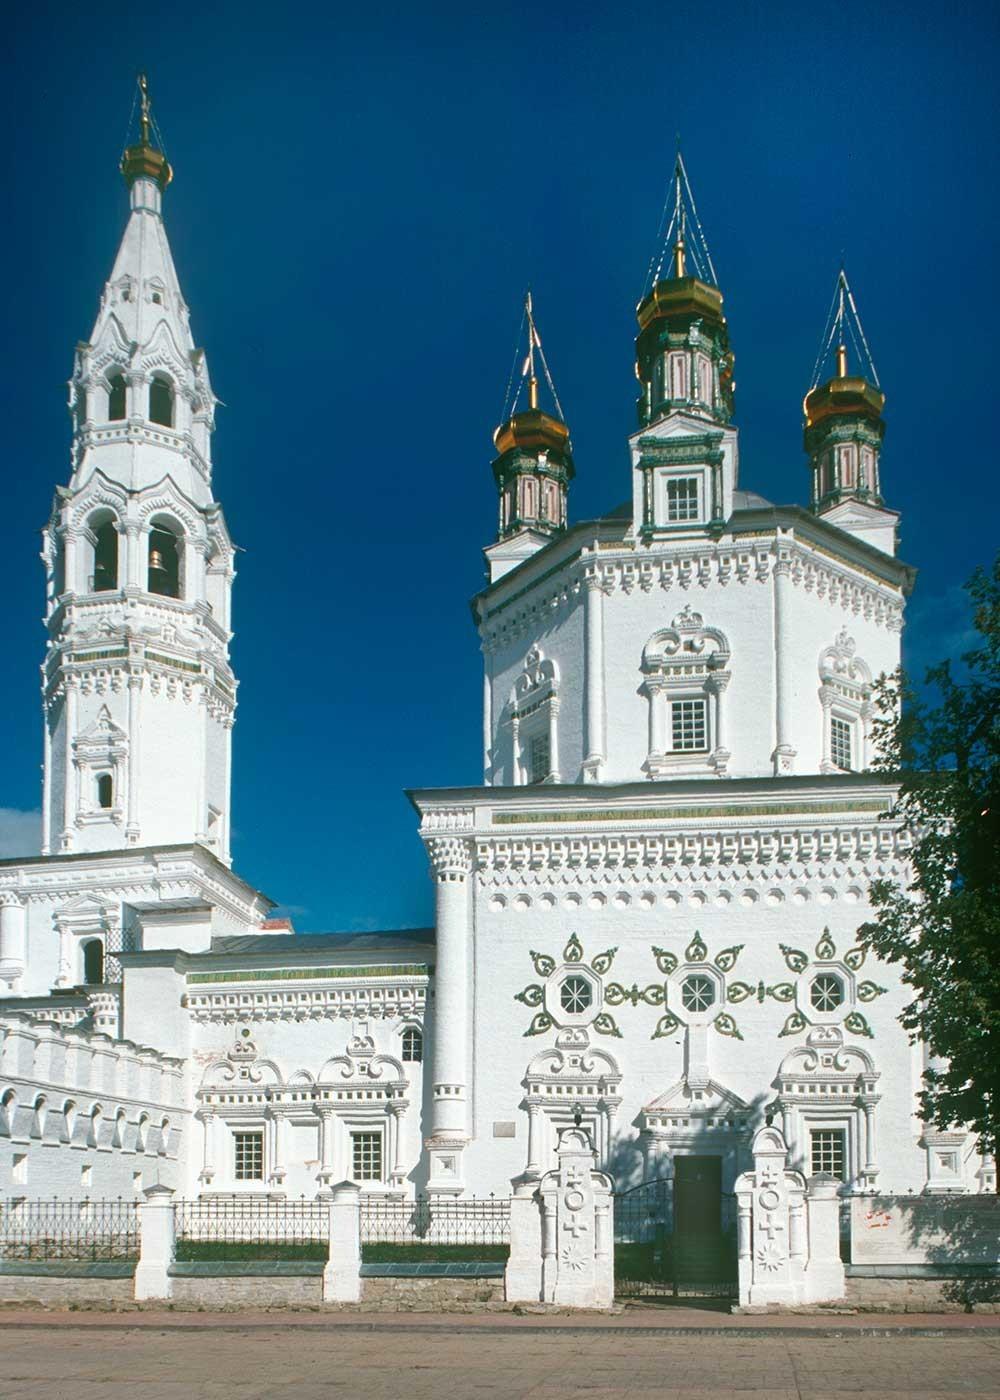 Katedral Trinitas dan menara lonceng. Penampakan selatan. 27 Agustus 1999.